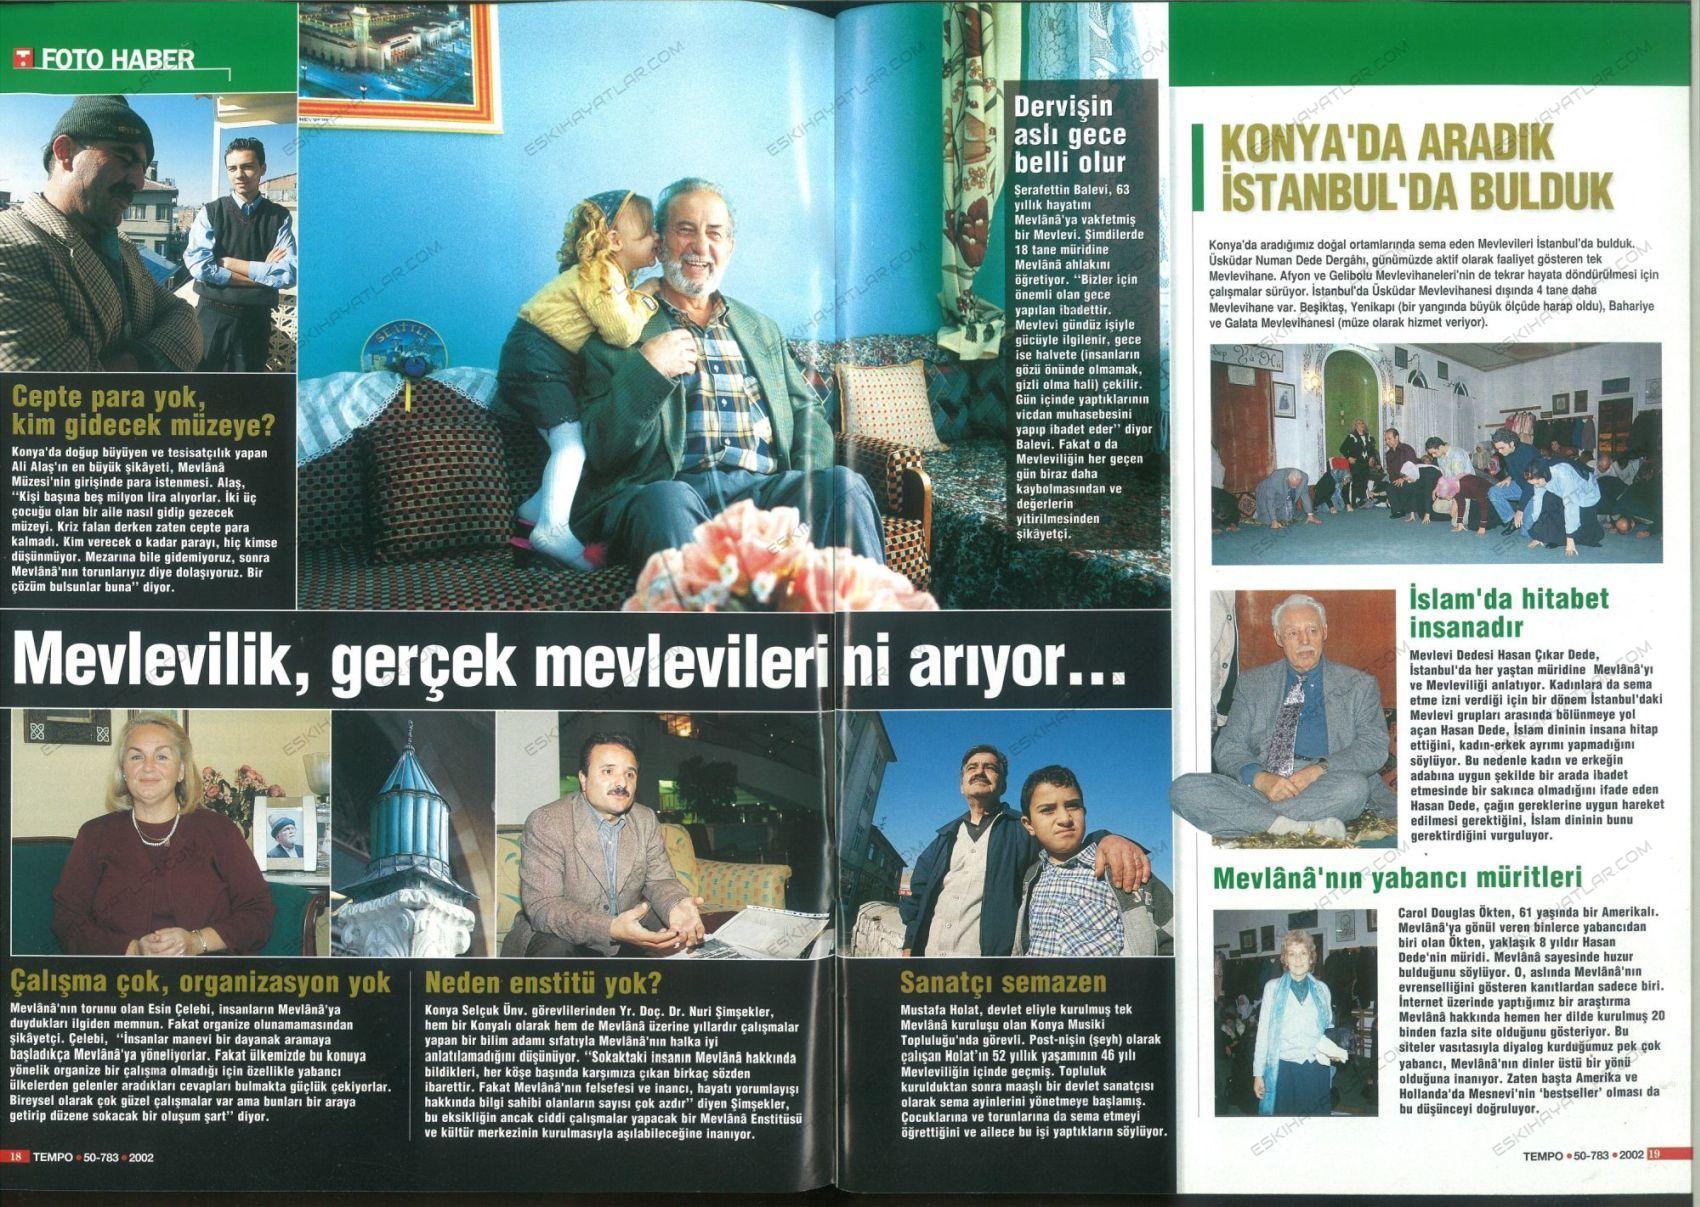 0299-mevlevi-tarikatlari-sema-ayinleri-2002-tempo-dergisi (5)